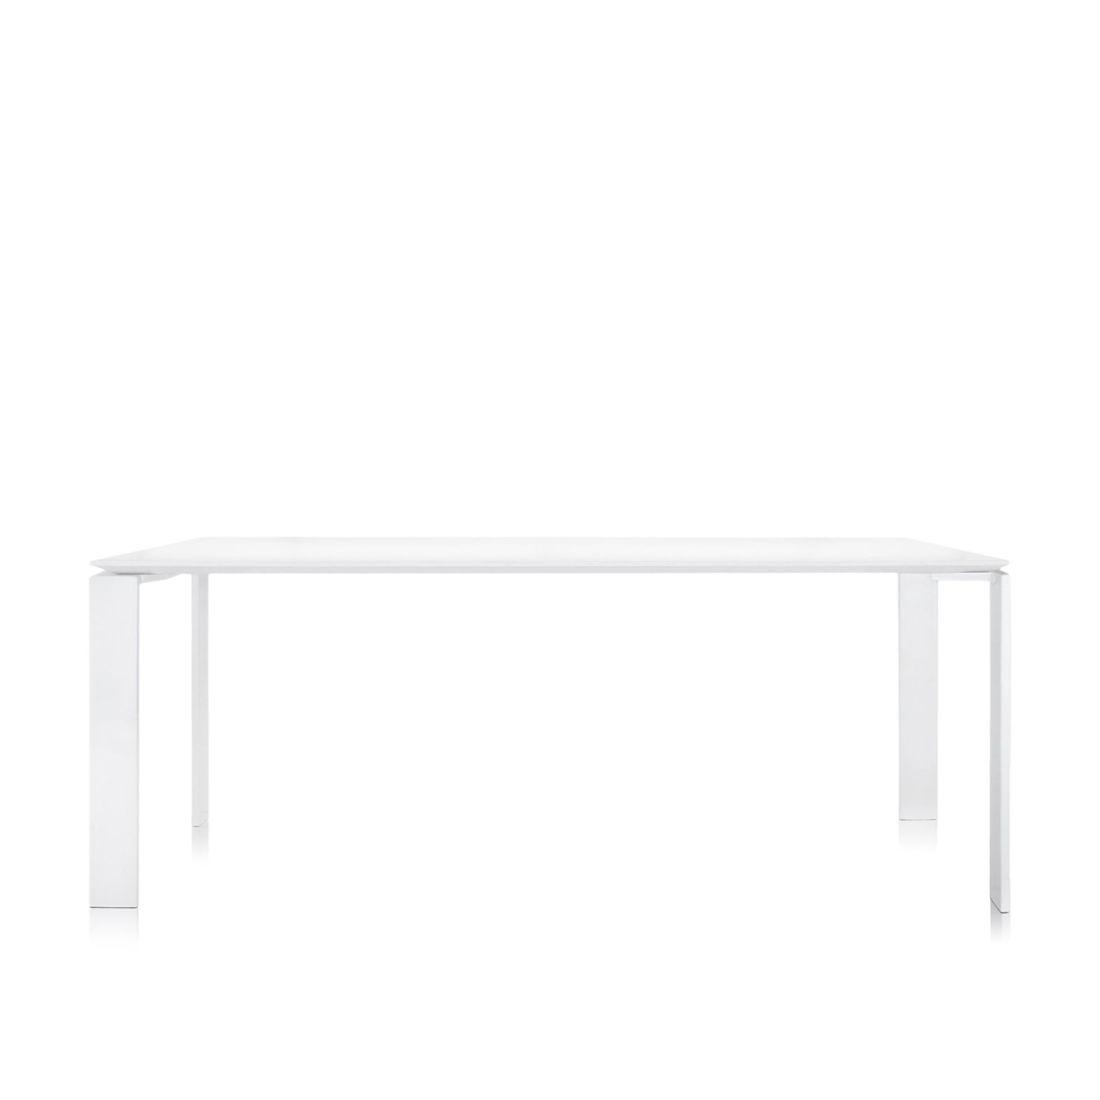 Four Tisch 190 Beine weiß / Platte weiß